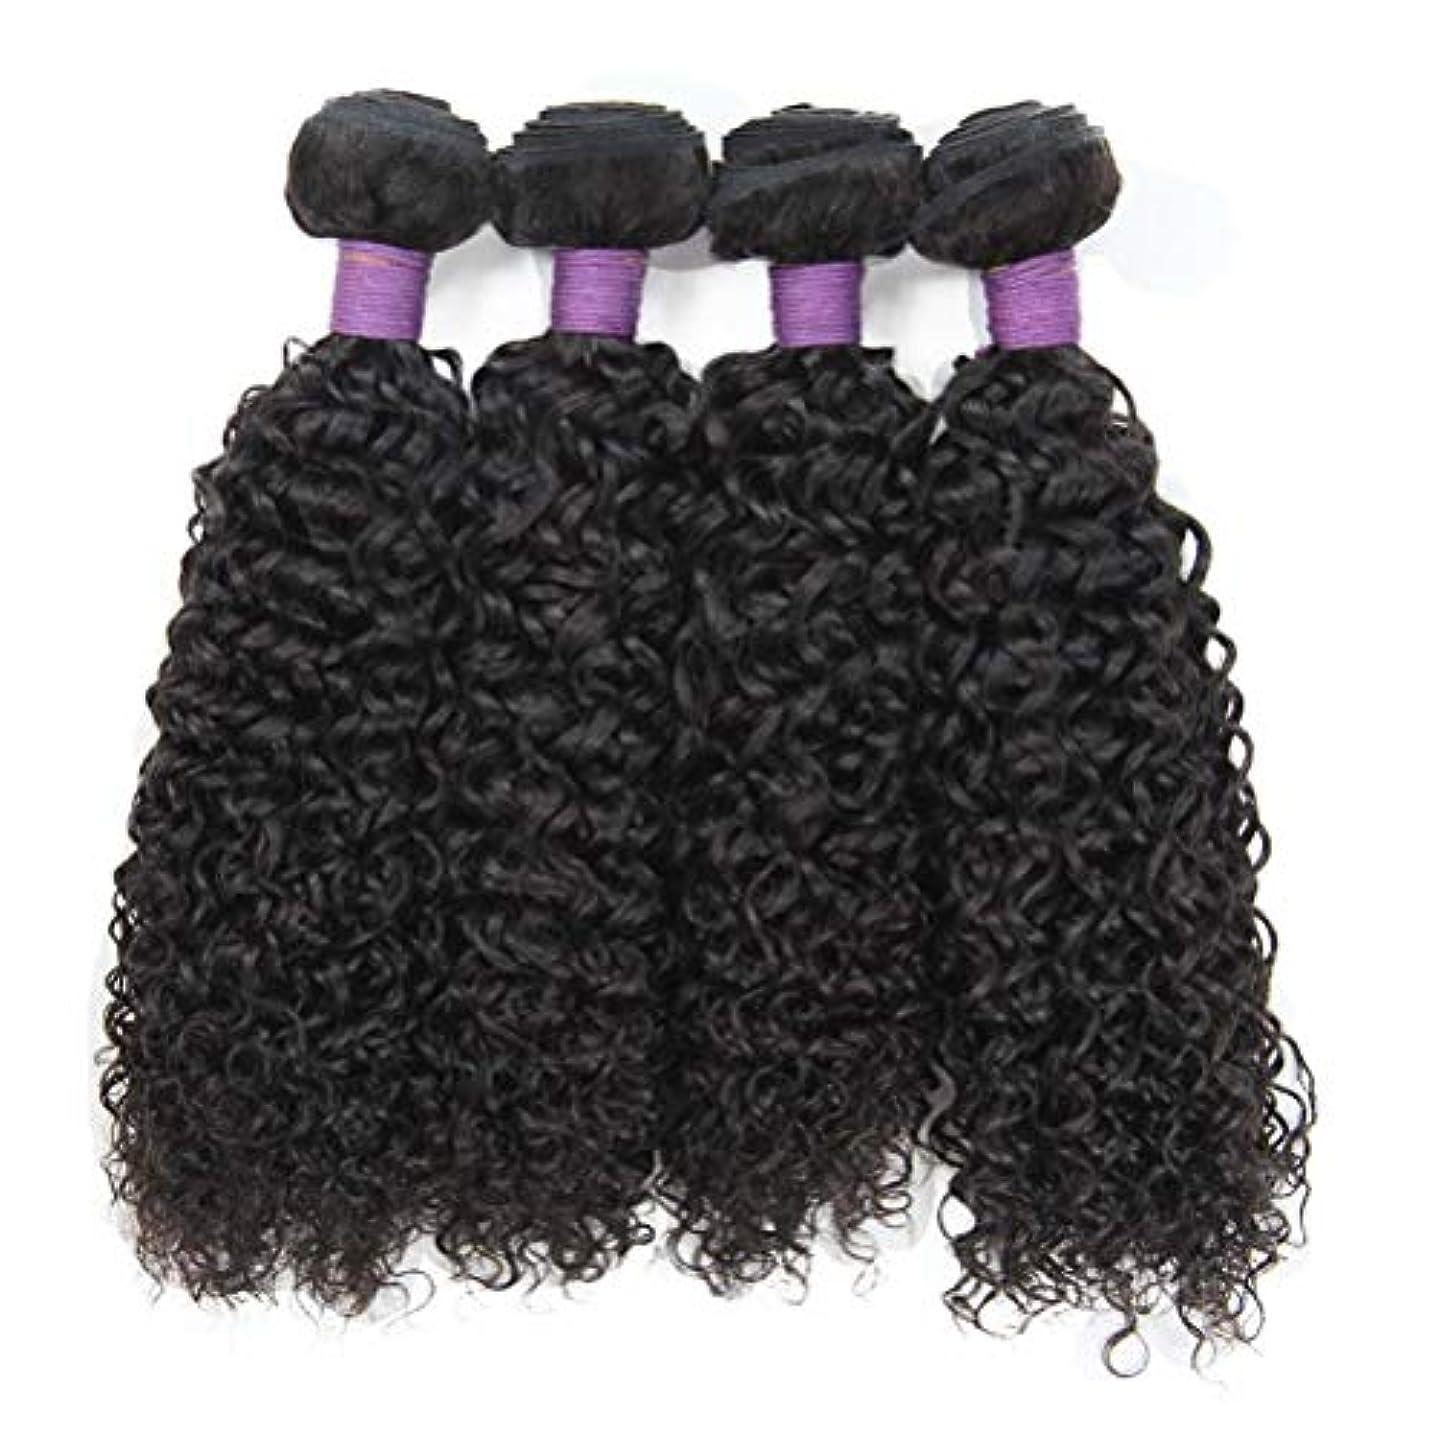 キャリッジ建設避難する女性130%密度髪織りブラジルの水の波髪1バンドル未処理のバージン人毛エクステンションブラジルの髪